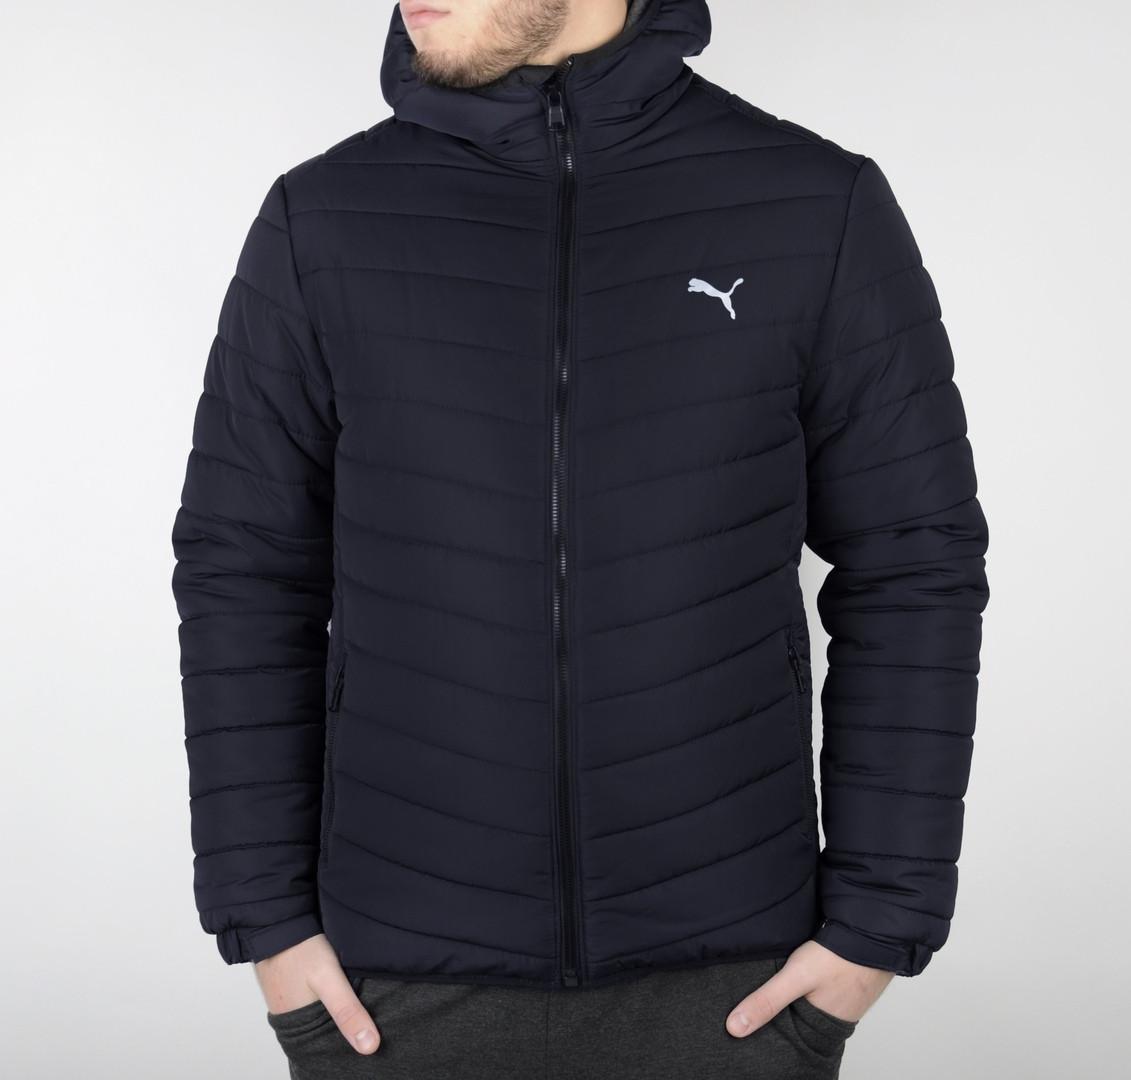 Мужская стеганая зимняя куртка Puma синего цвета топ реплика